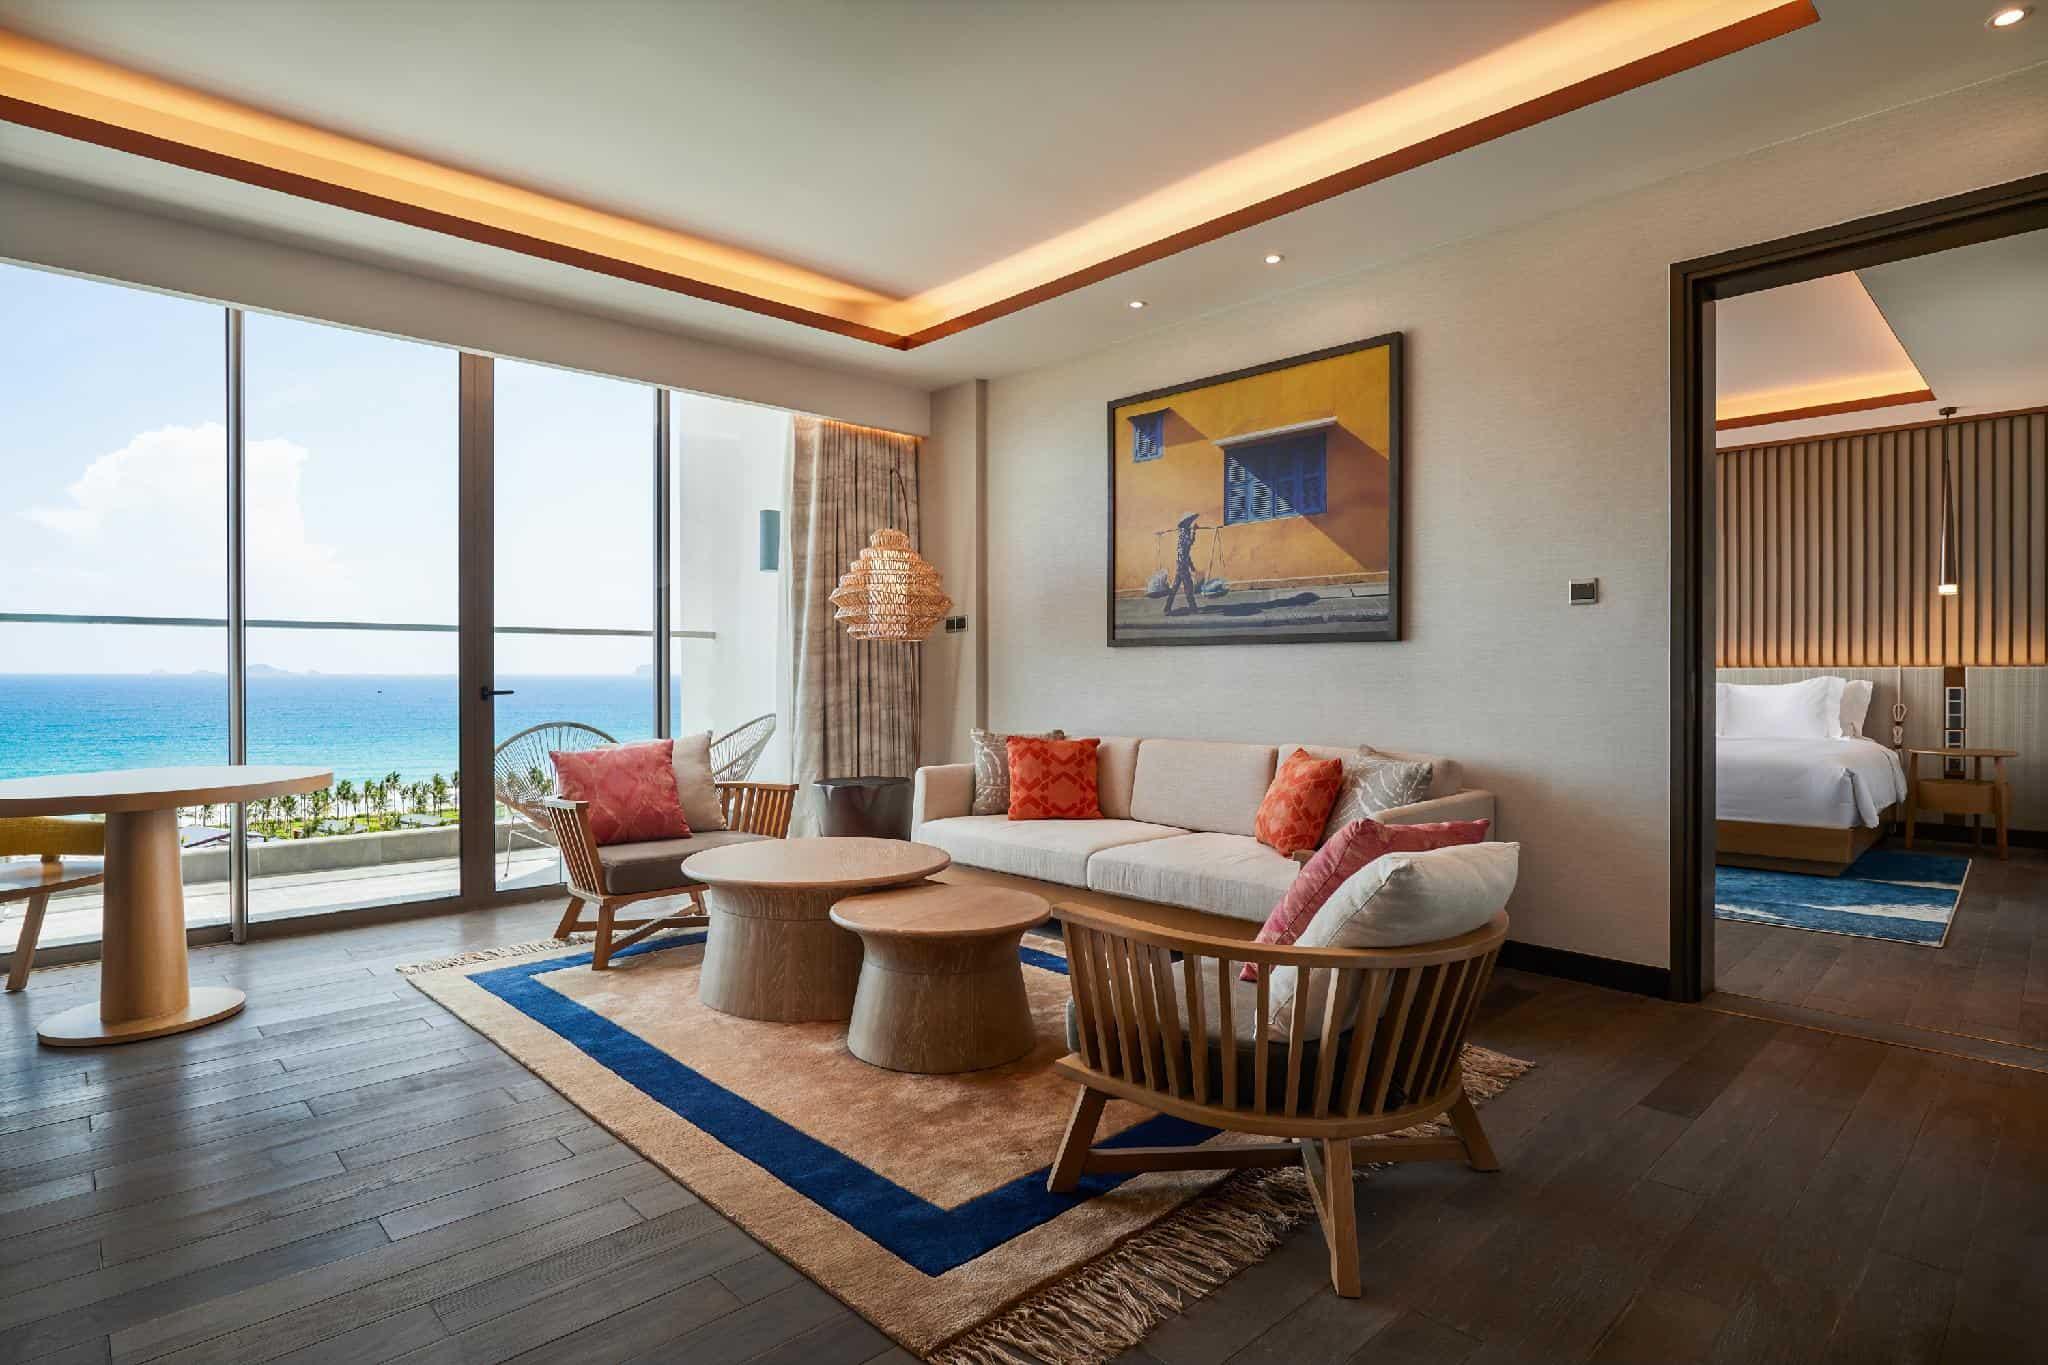 Không gian sinh hoạt rộng rãi, yên tĩnh, tầm nhìn ra biển đầy tươi mát ở phòng Executive